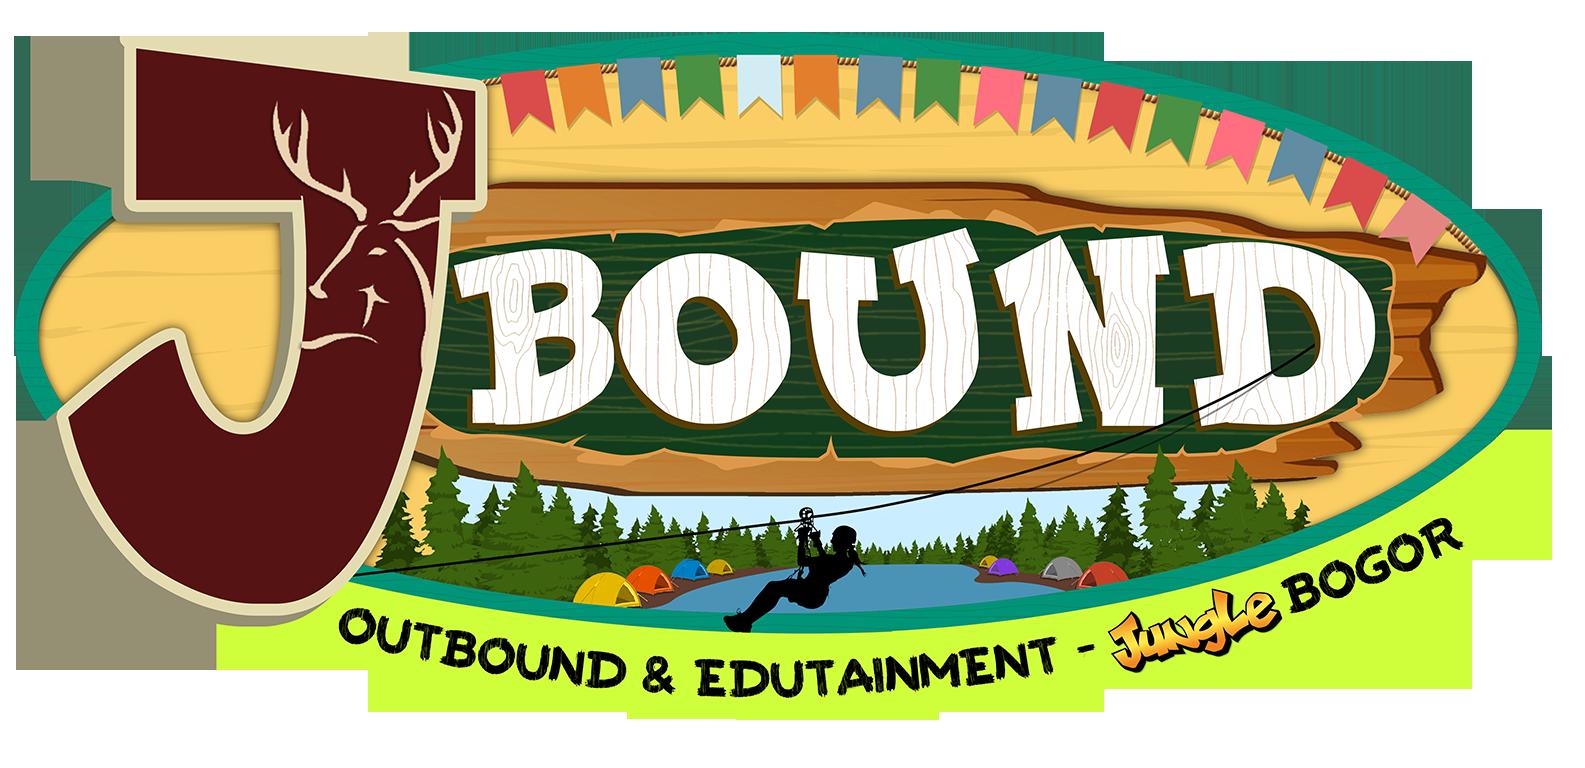 Jbound